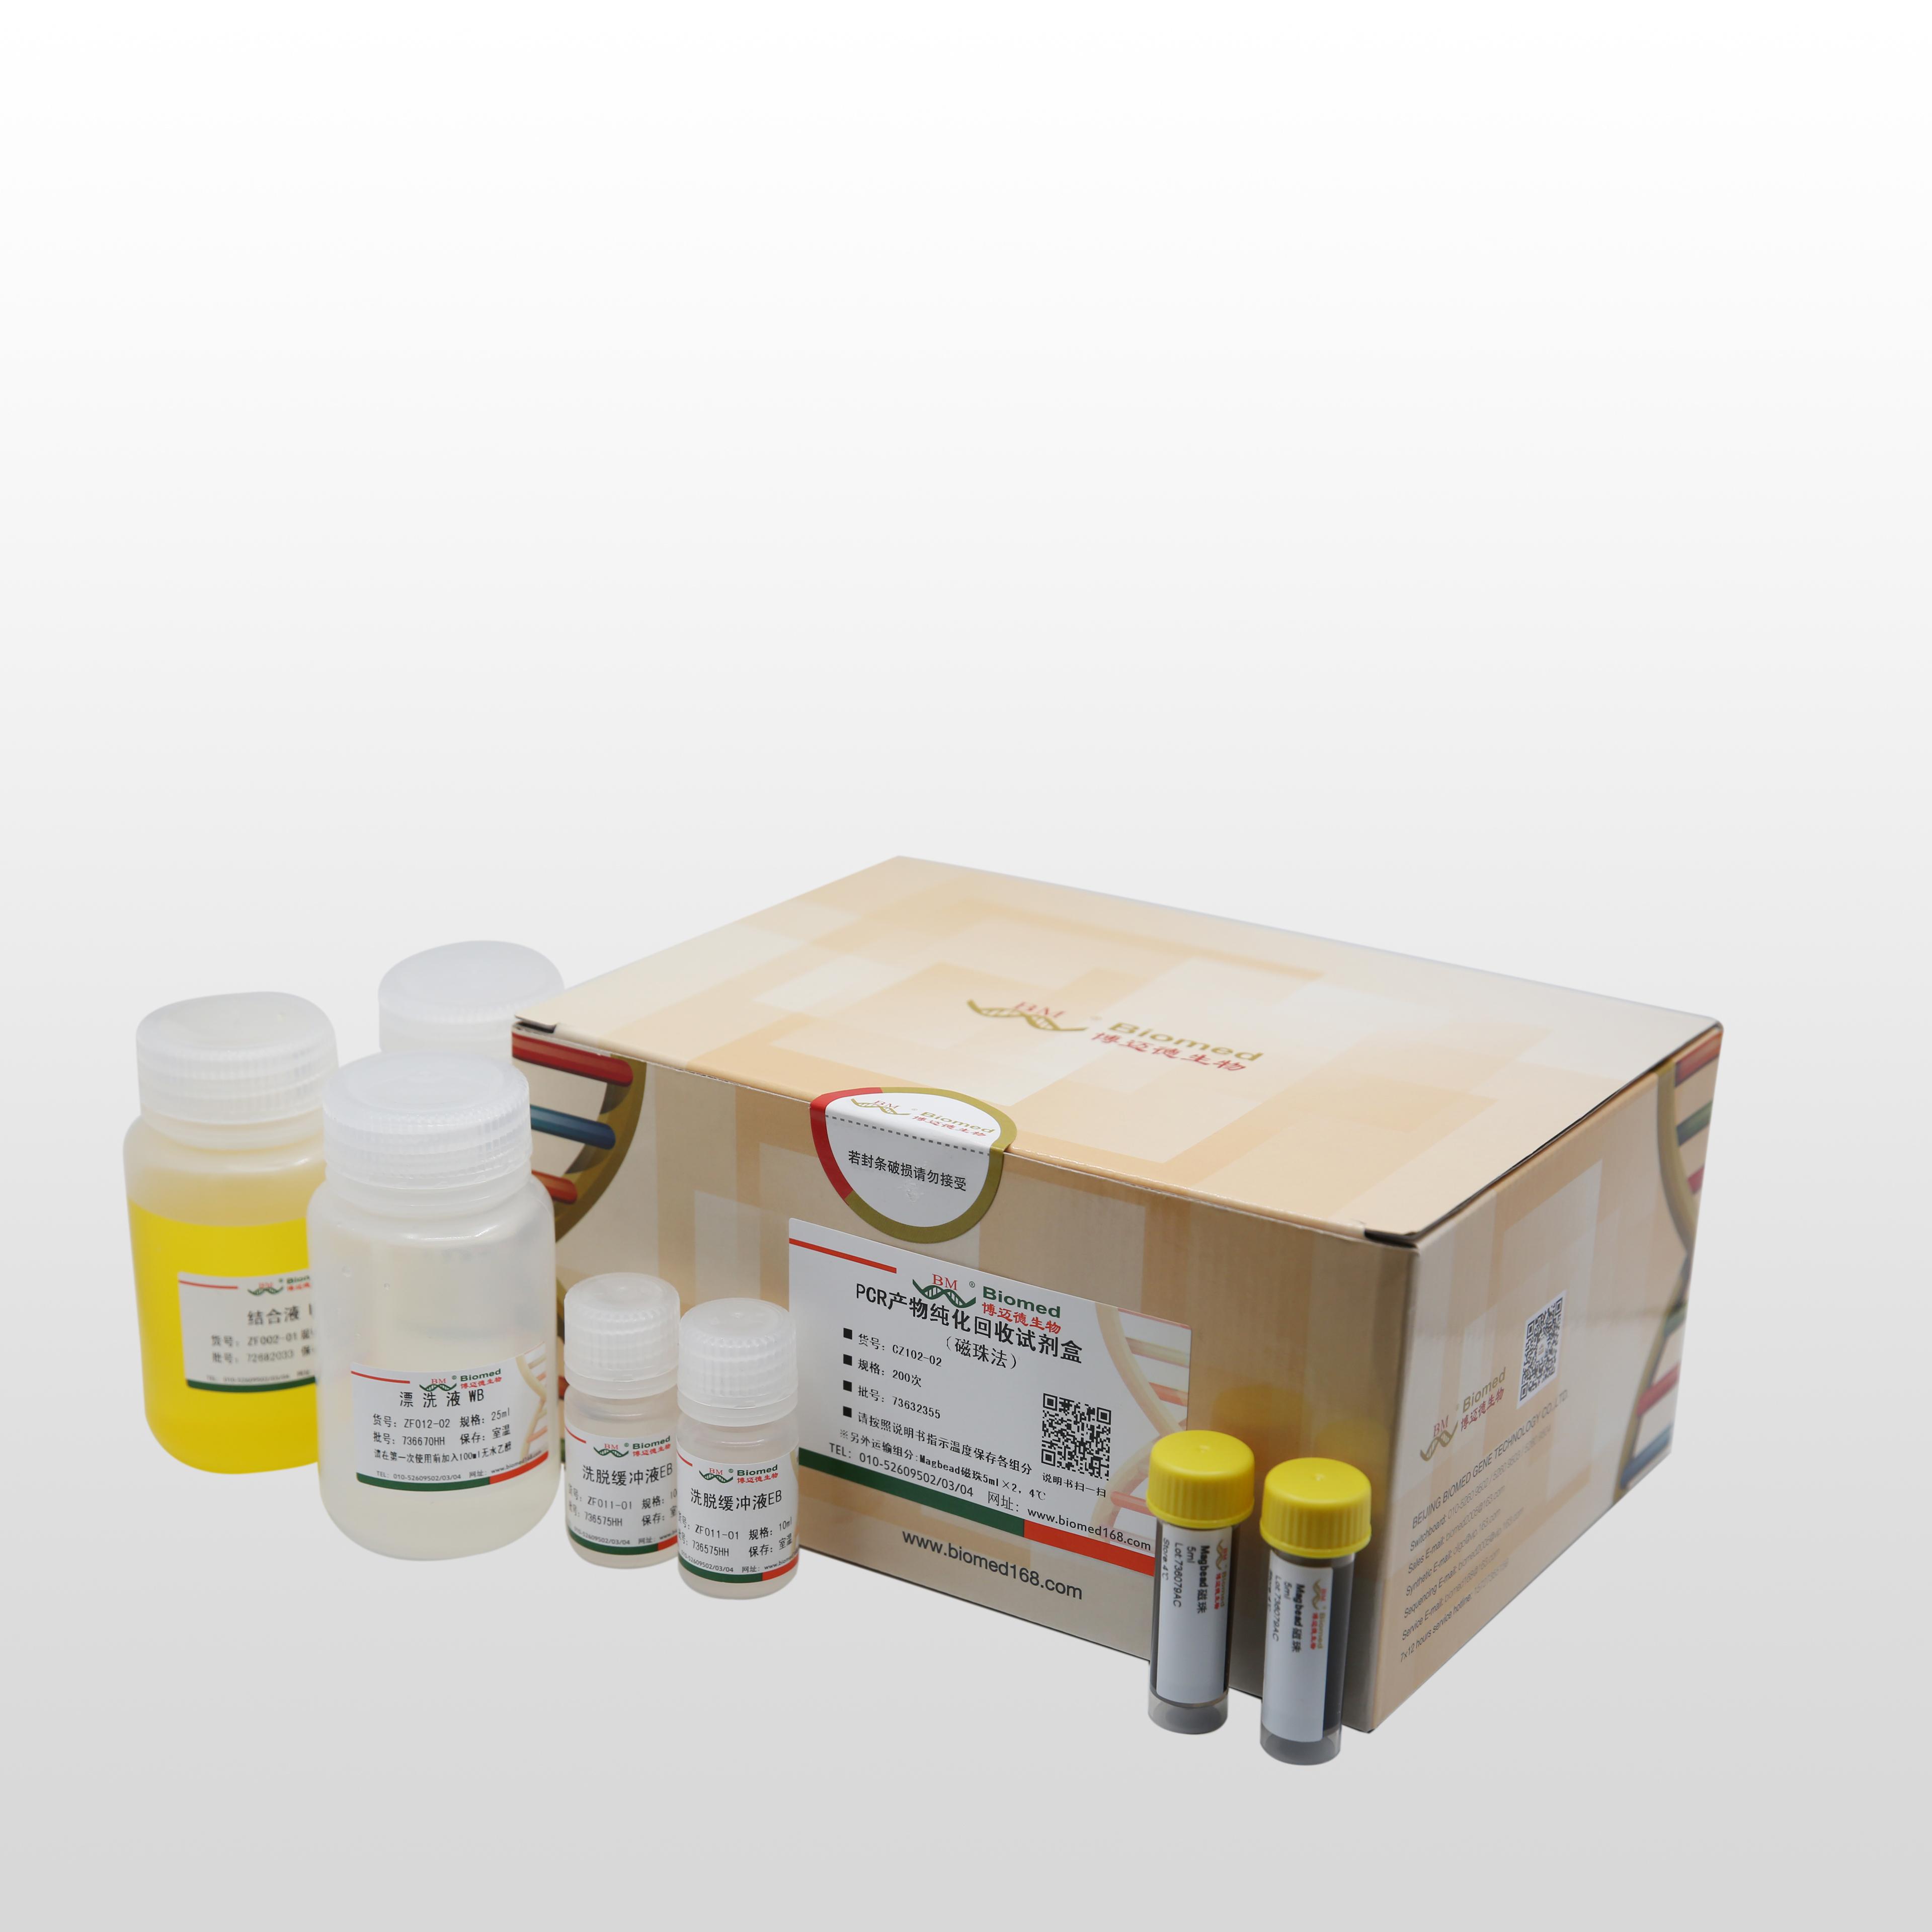 质粒小量快速提取试剂盒 ( 磁珠法)